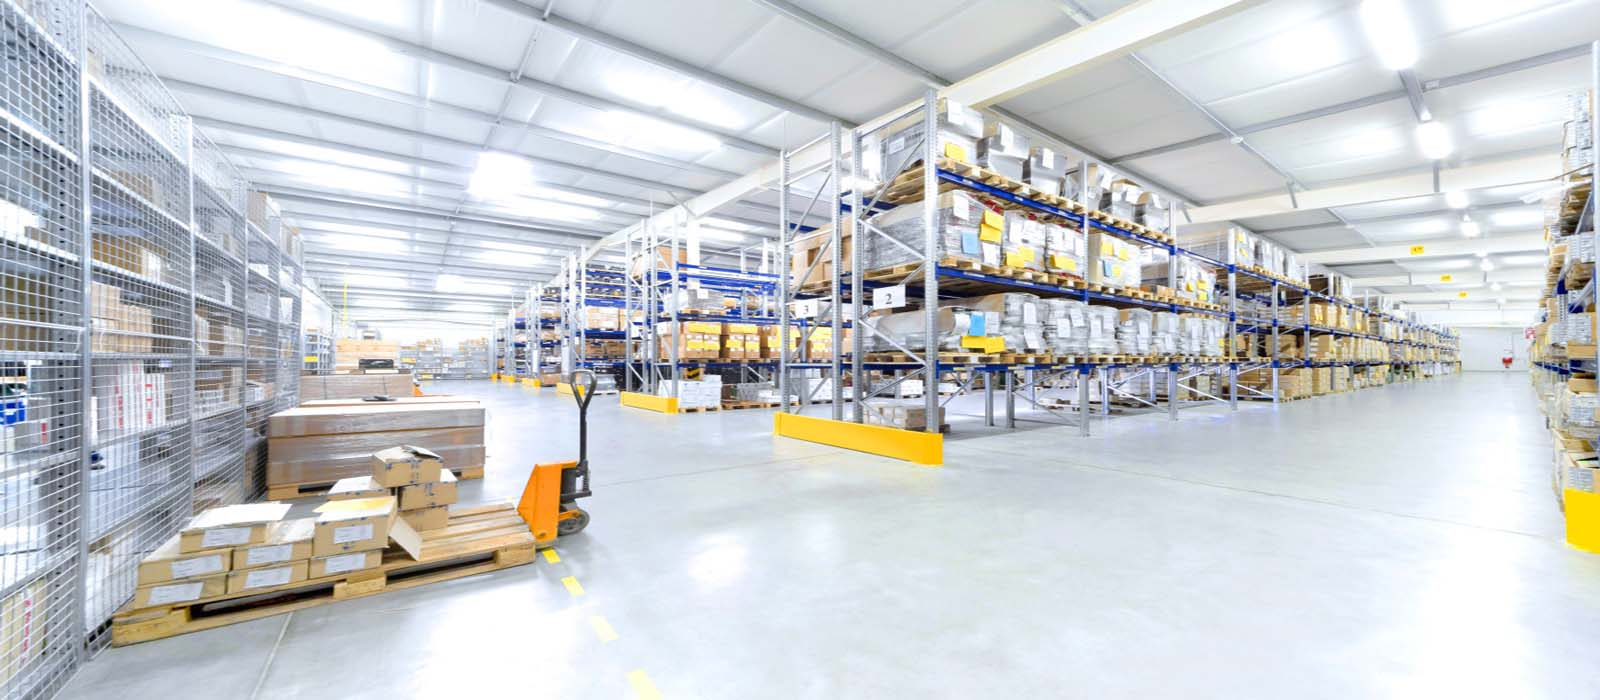 ارائه راهکارهای استاندارد، عملی و مقرون به صرفه  در جهت مدیریت و افزایش کیفیت داده های اقلام